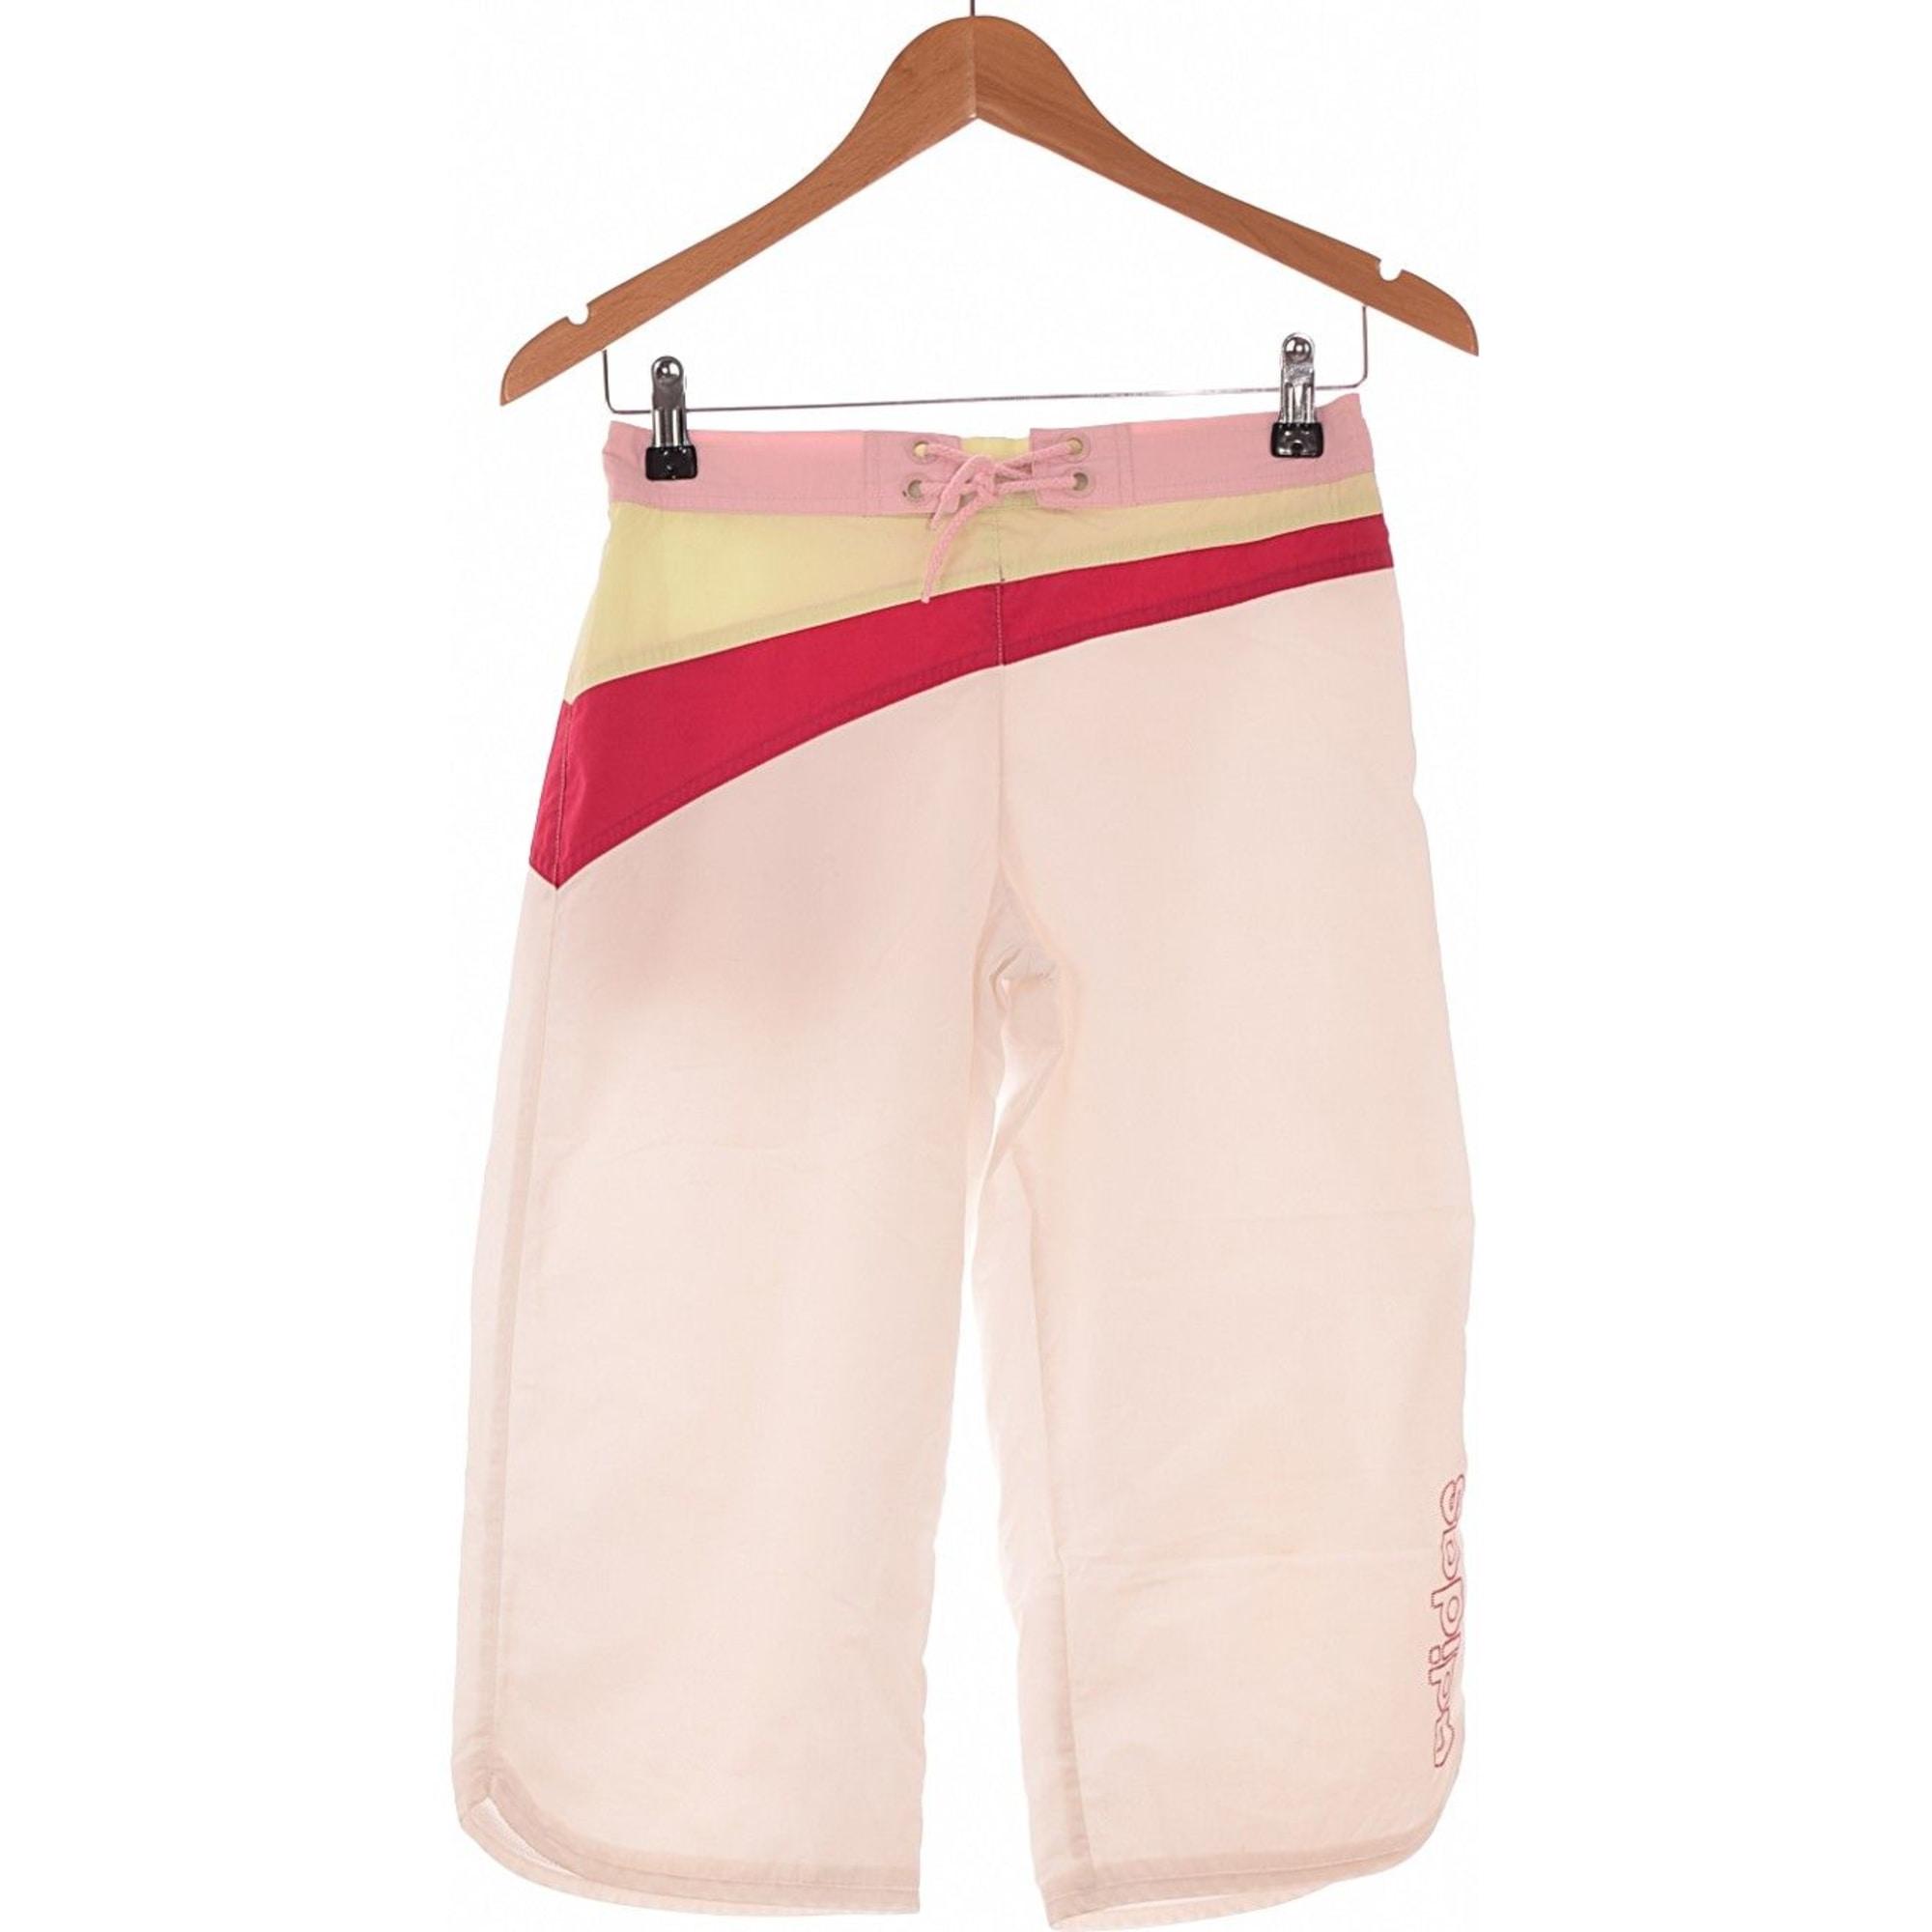 Cropped Pants, Capri Pants ADIDAS White, off-white, ecru